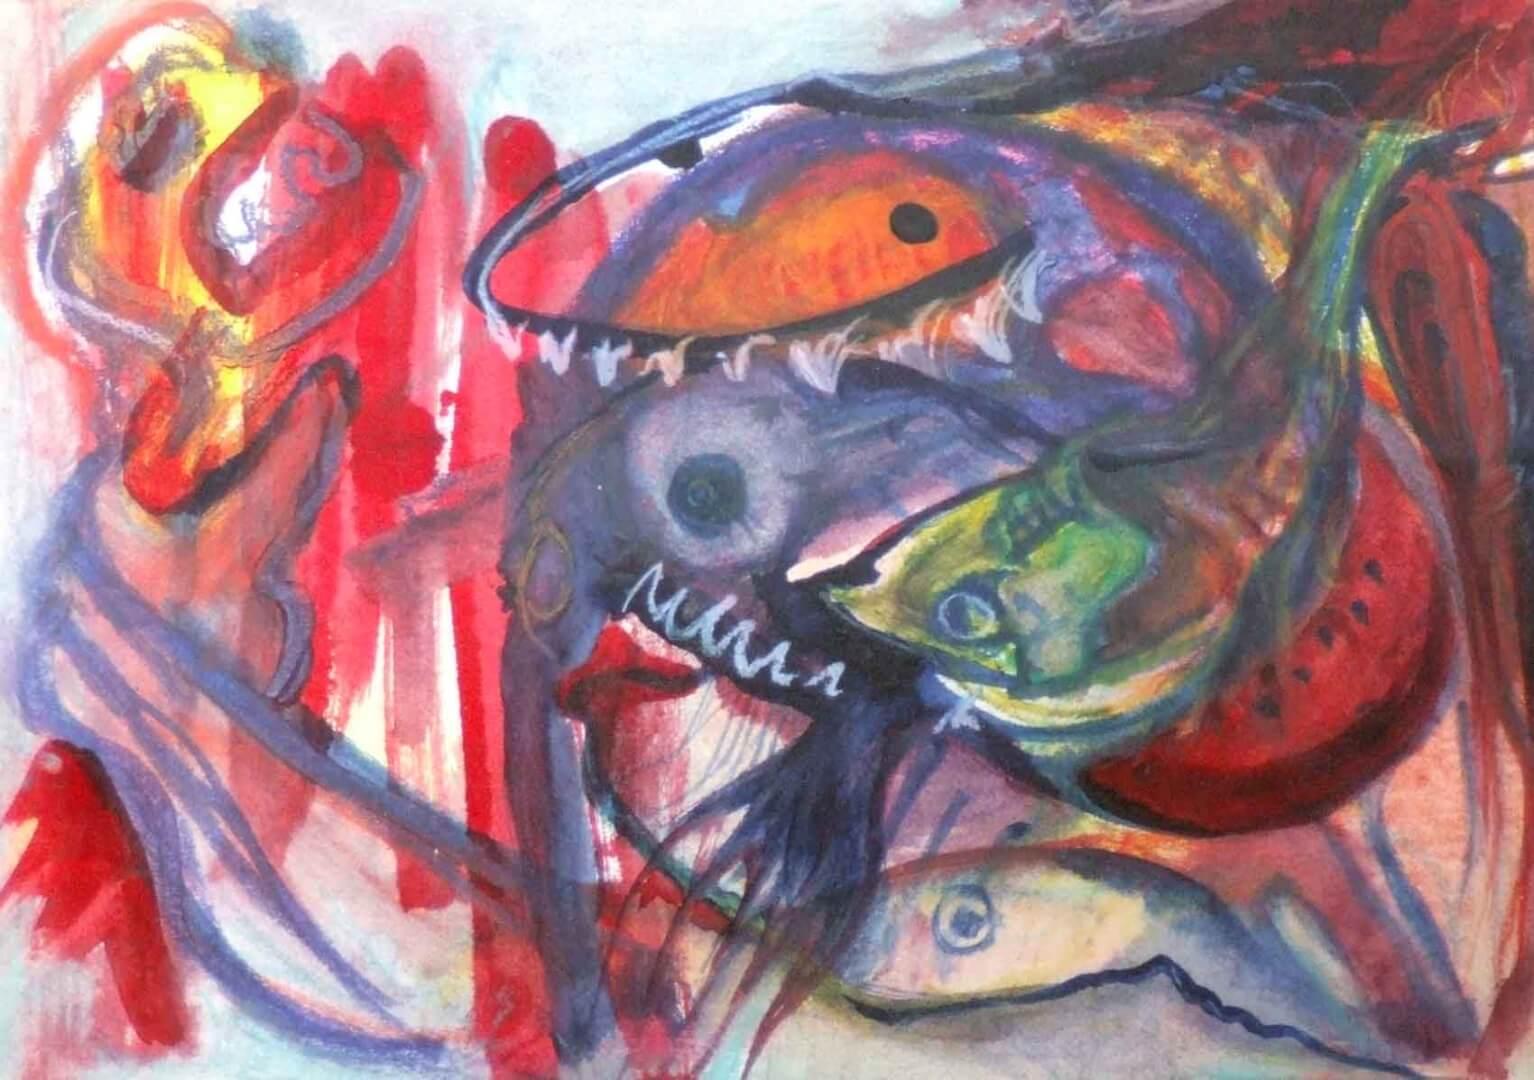 La vengeance des poissons à la pastèque © David Noir | Dessins, peintures, collages